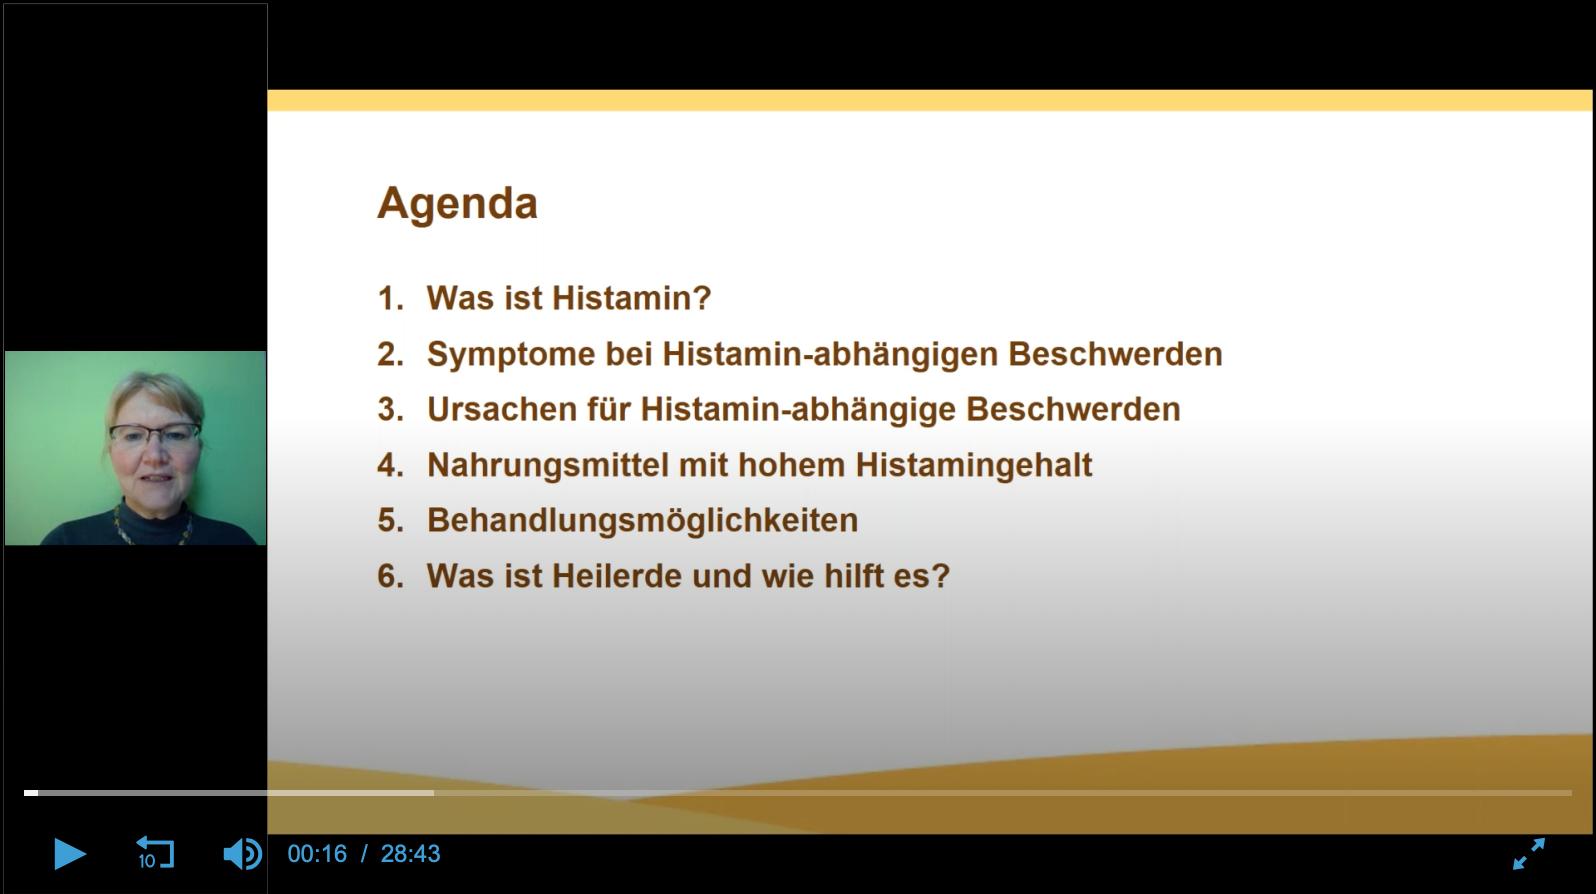 Screenshot Webinar Histamin-abhängige Beschwerden in Zusammenarbeit mit Luvos Heilerde